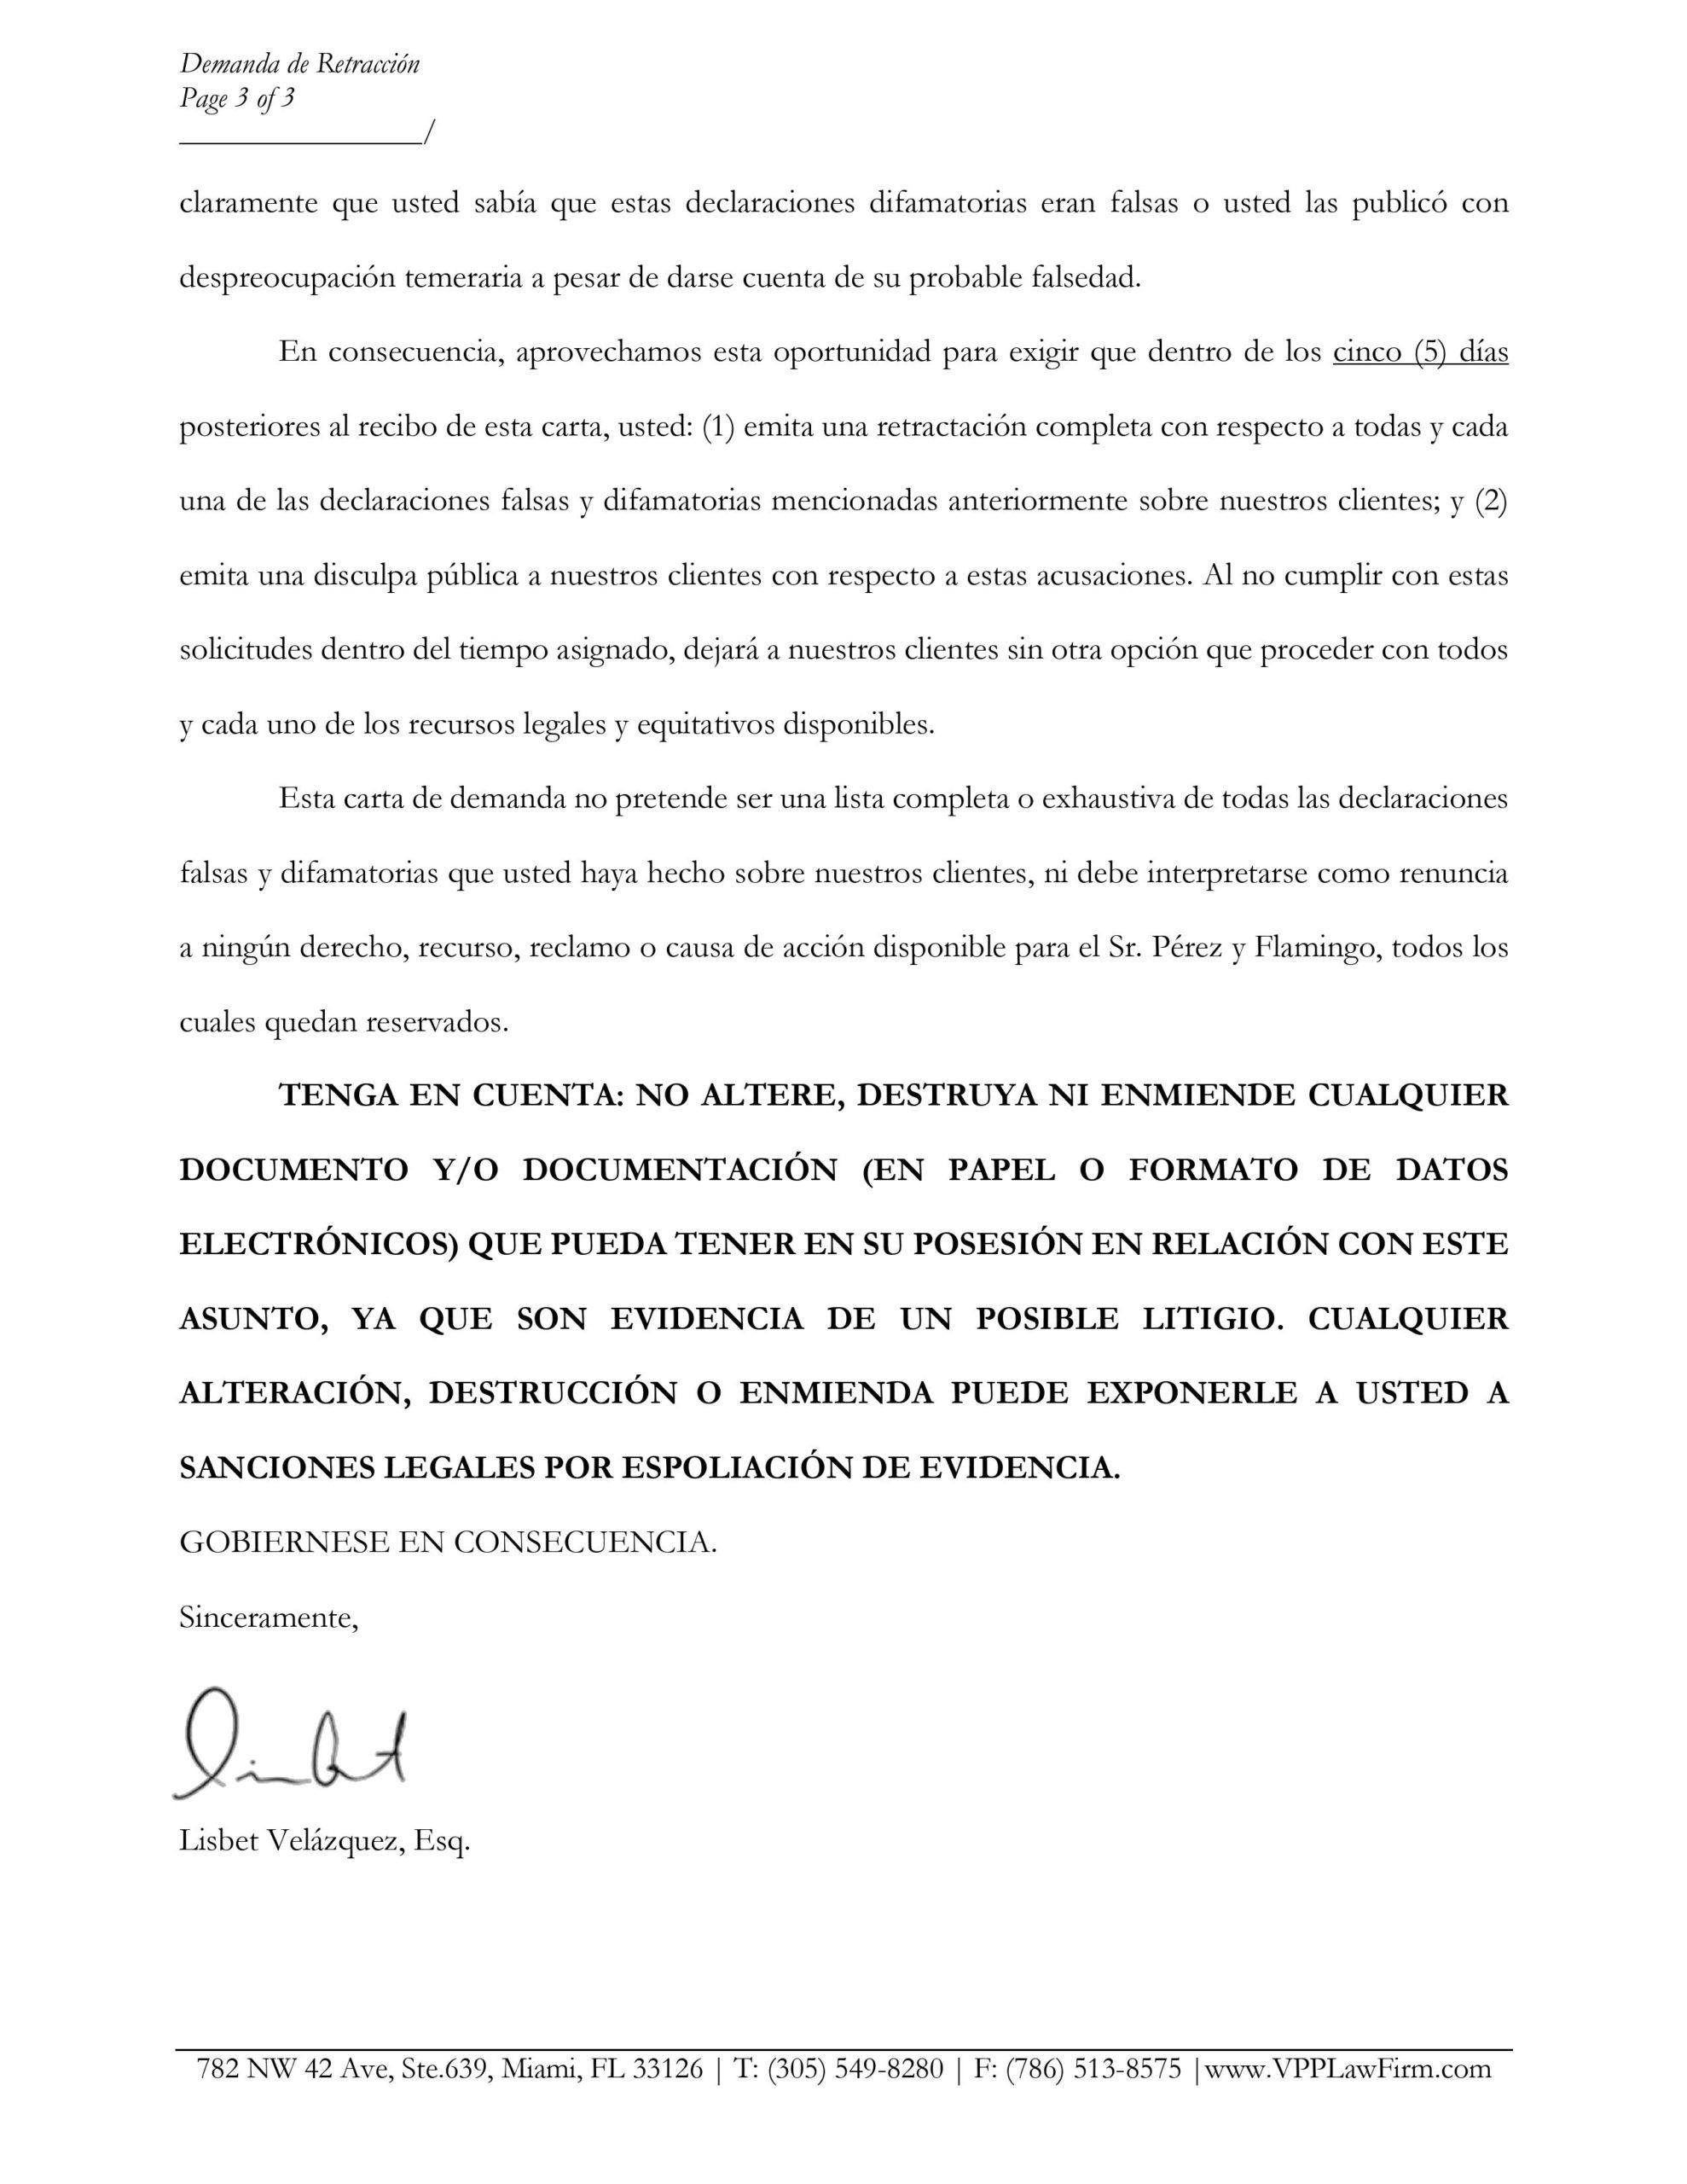 abogados del Flamingo Theatre Bar y TV Radio envian carta a Edmundo Garcia (2)